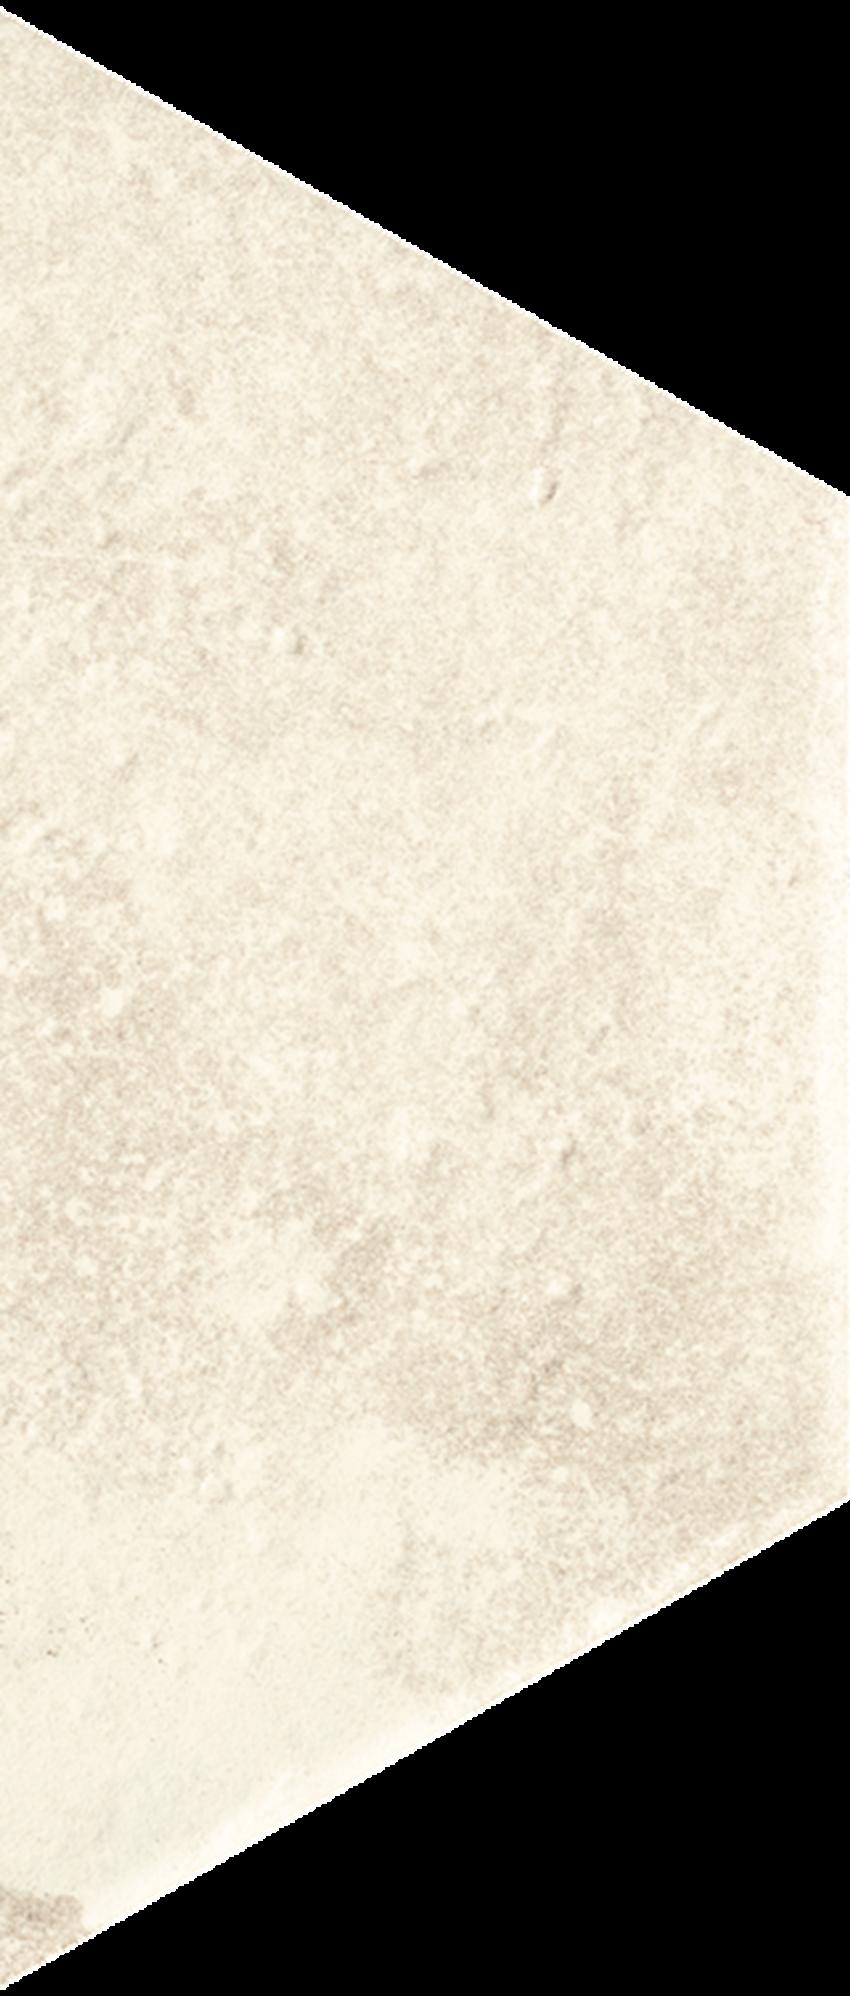 Dekoracja podłogowa 12,6x29,6 cm Paradyż Scandiano Beige Trapez